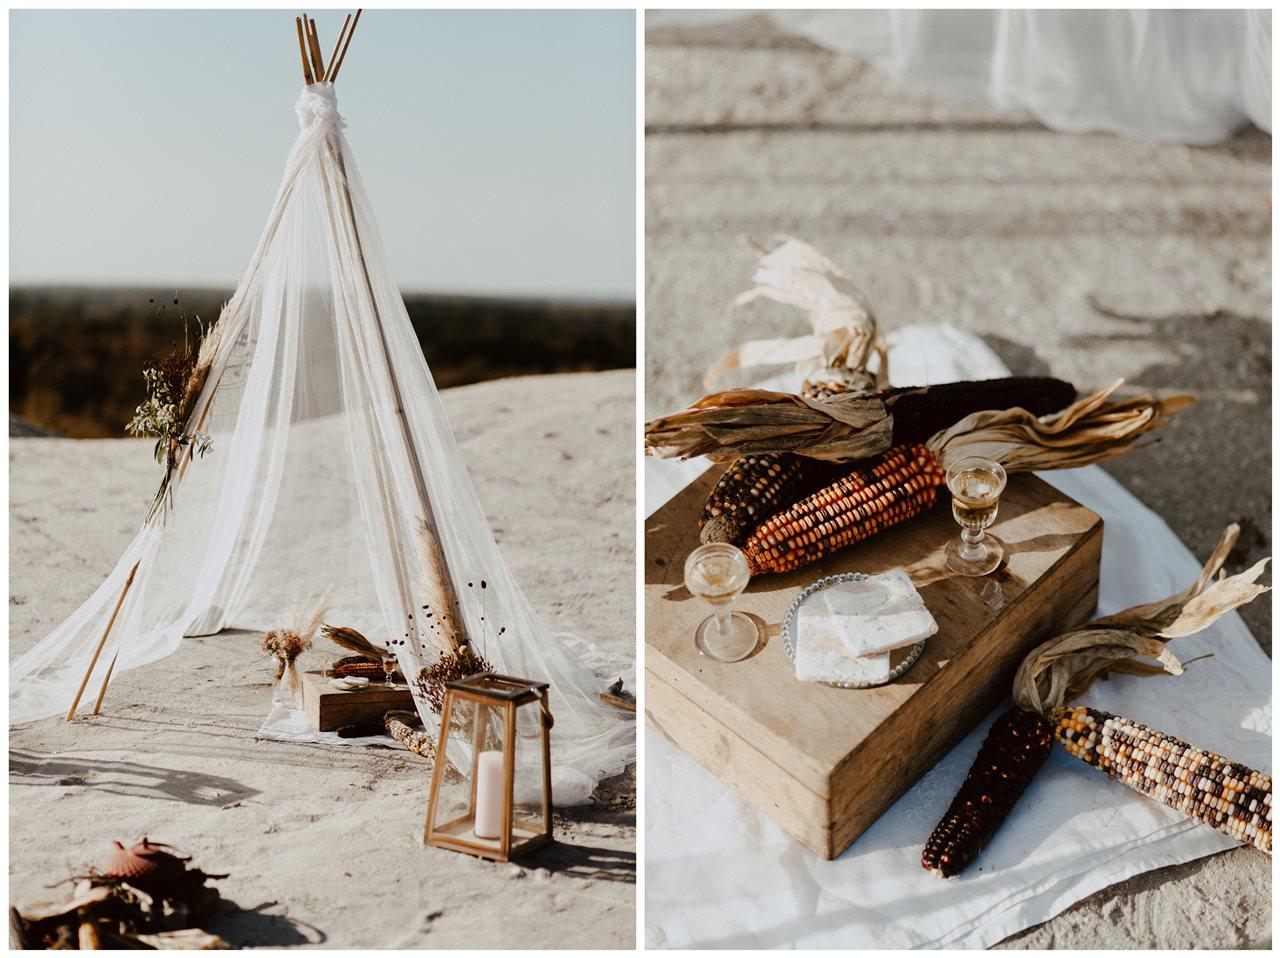 mariage nude tipi cérémonie laïque plage décoration